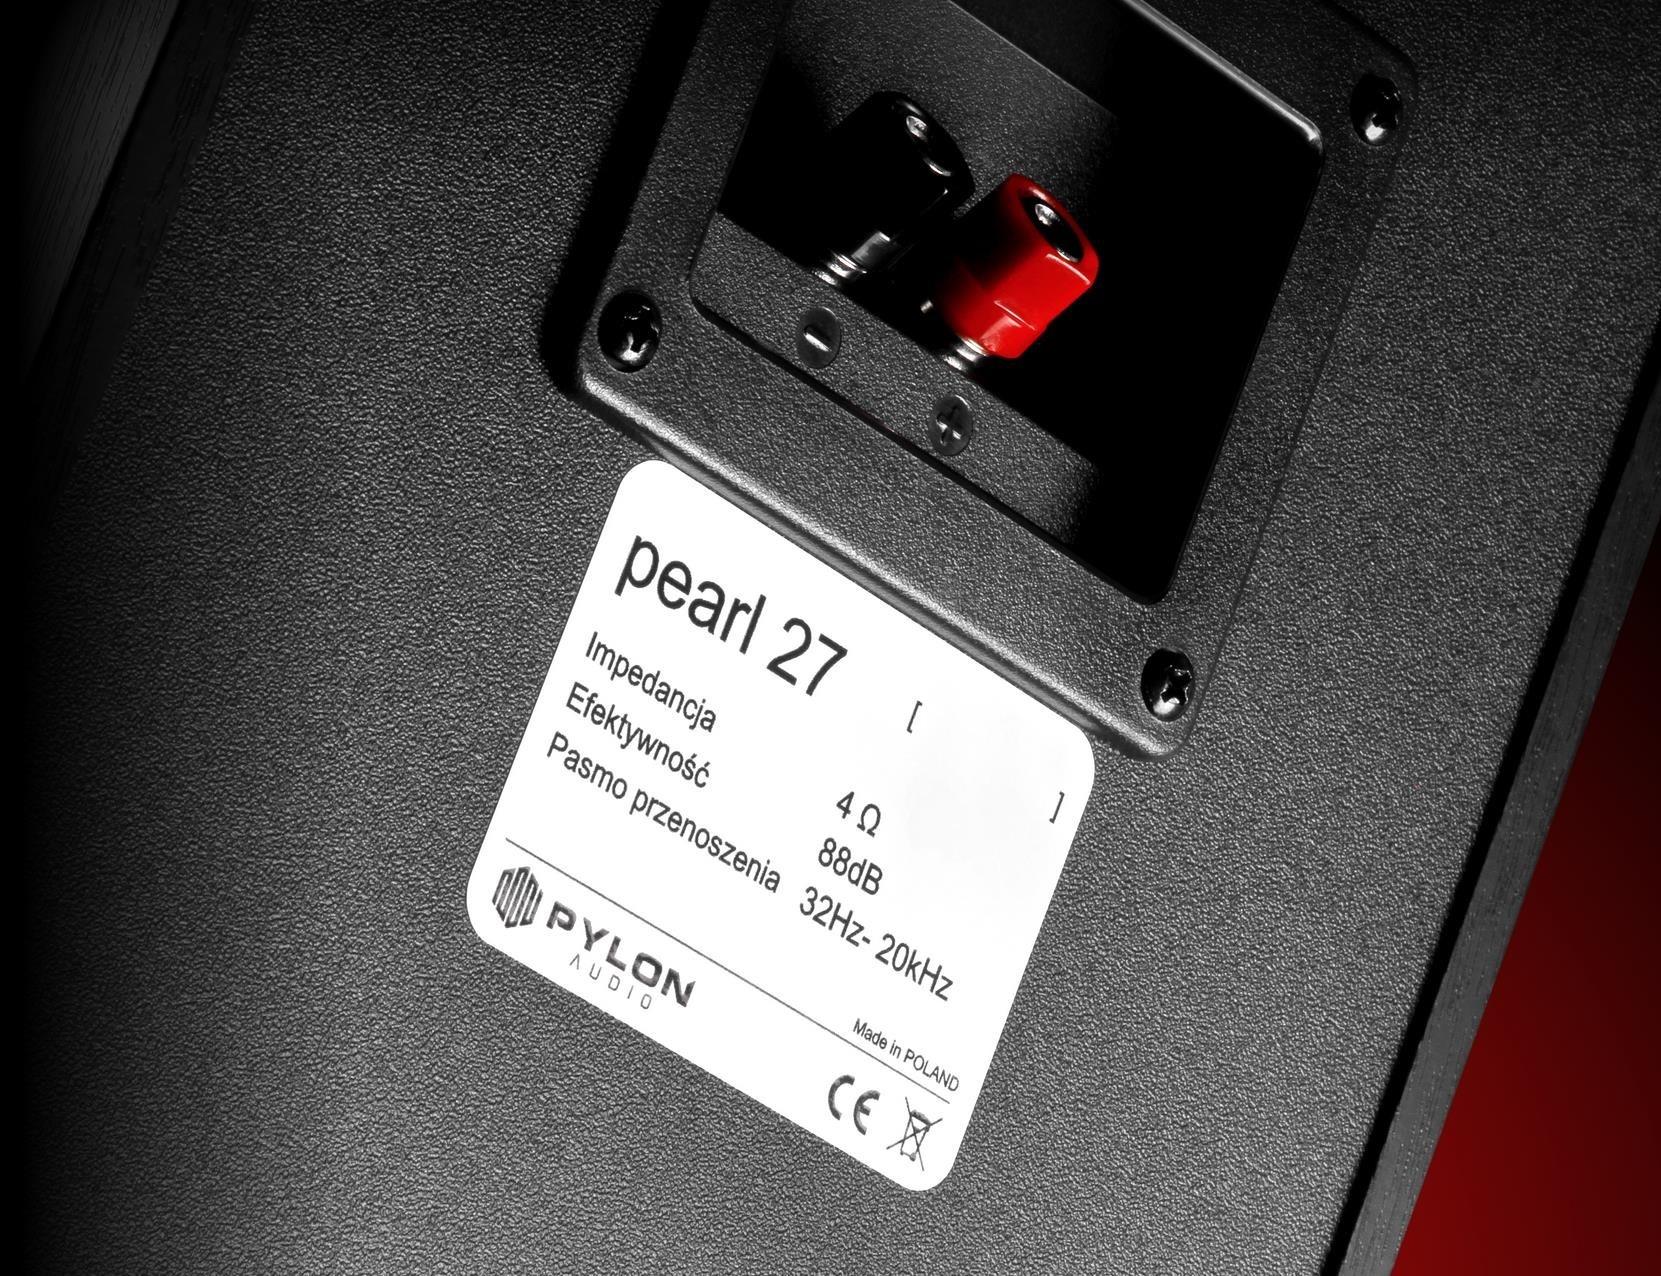 loa pylon audio pearl 27 mat sau